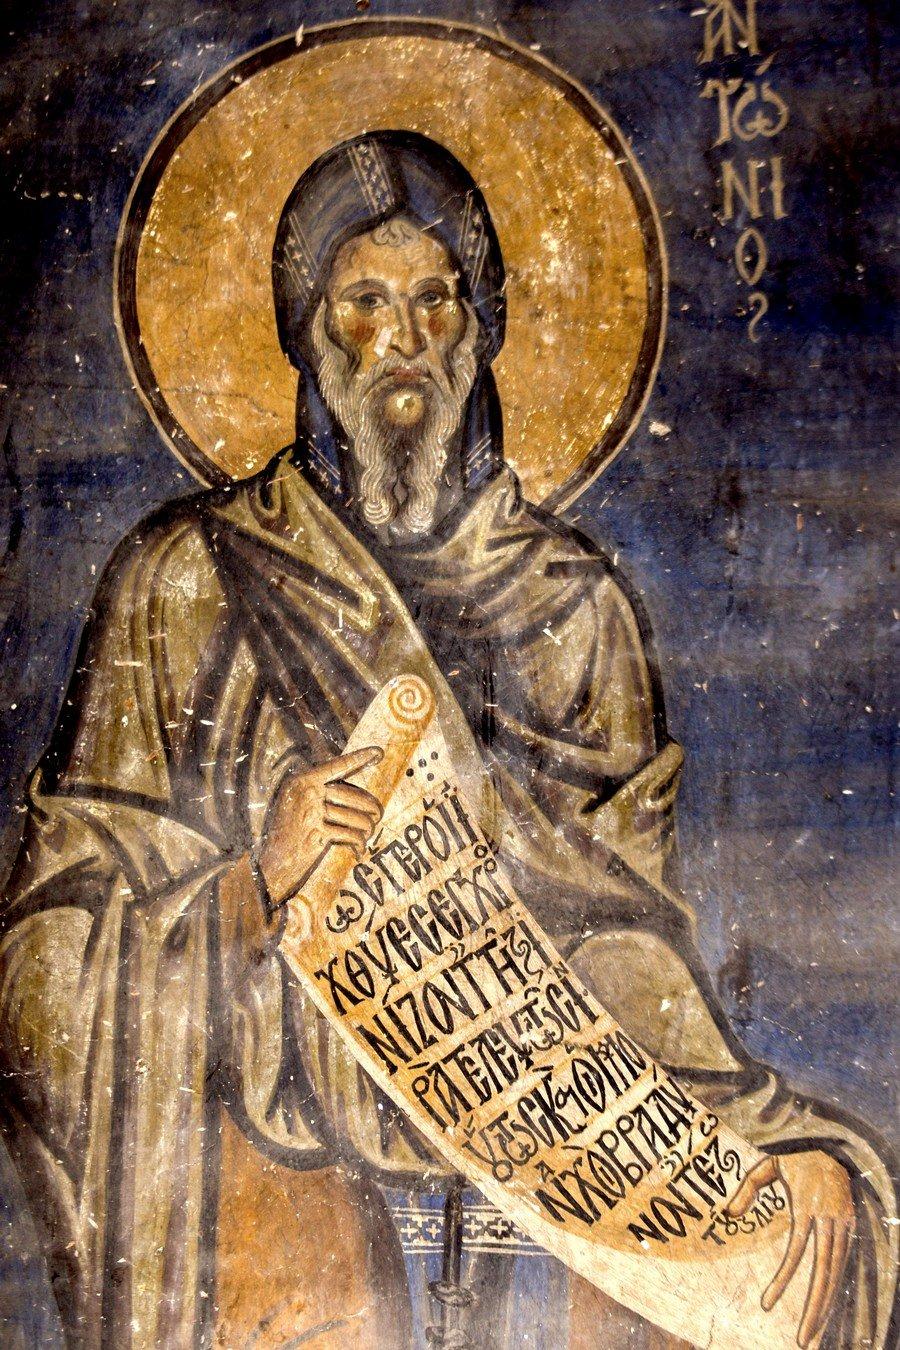 Святой Преподобный Антоний Великий. Фреска церкви Святых Врачей в Кастории, Греция. Конец XII века.